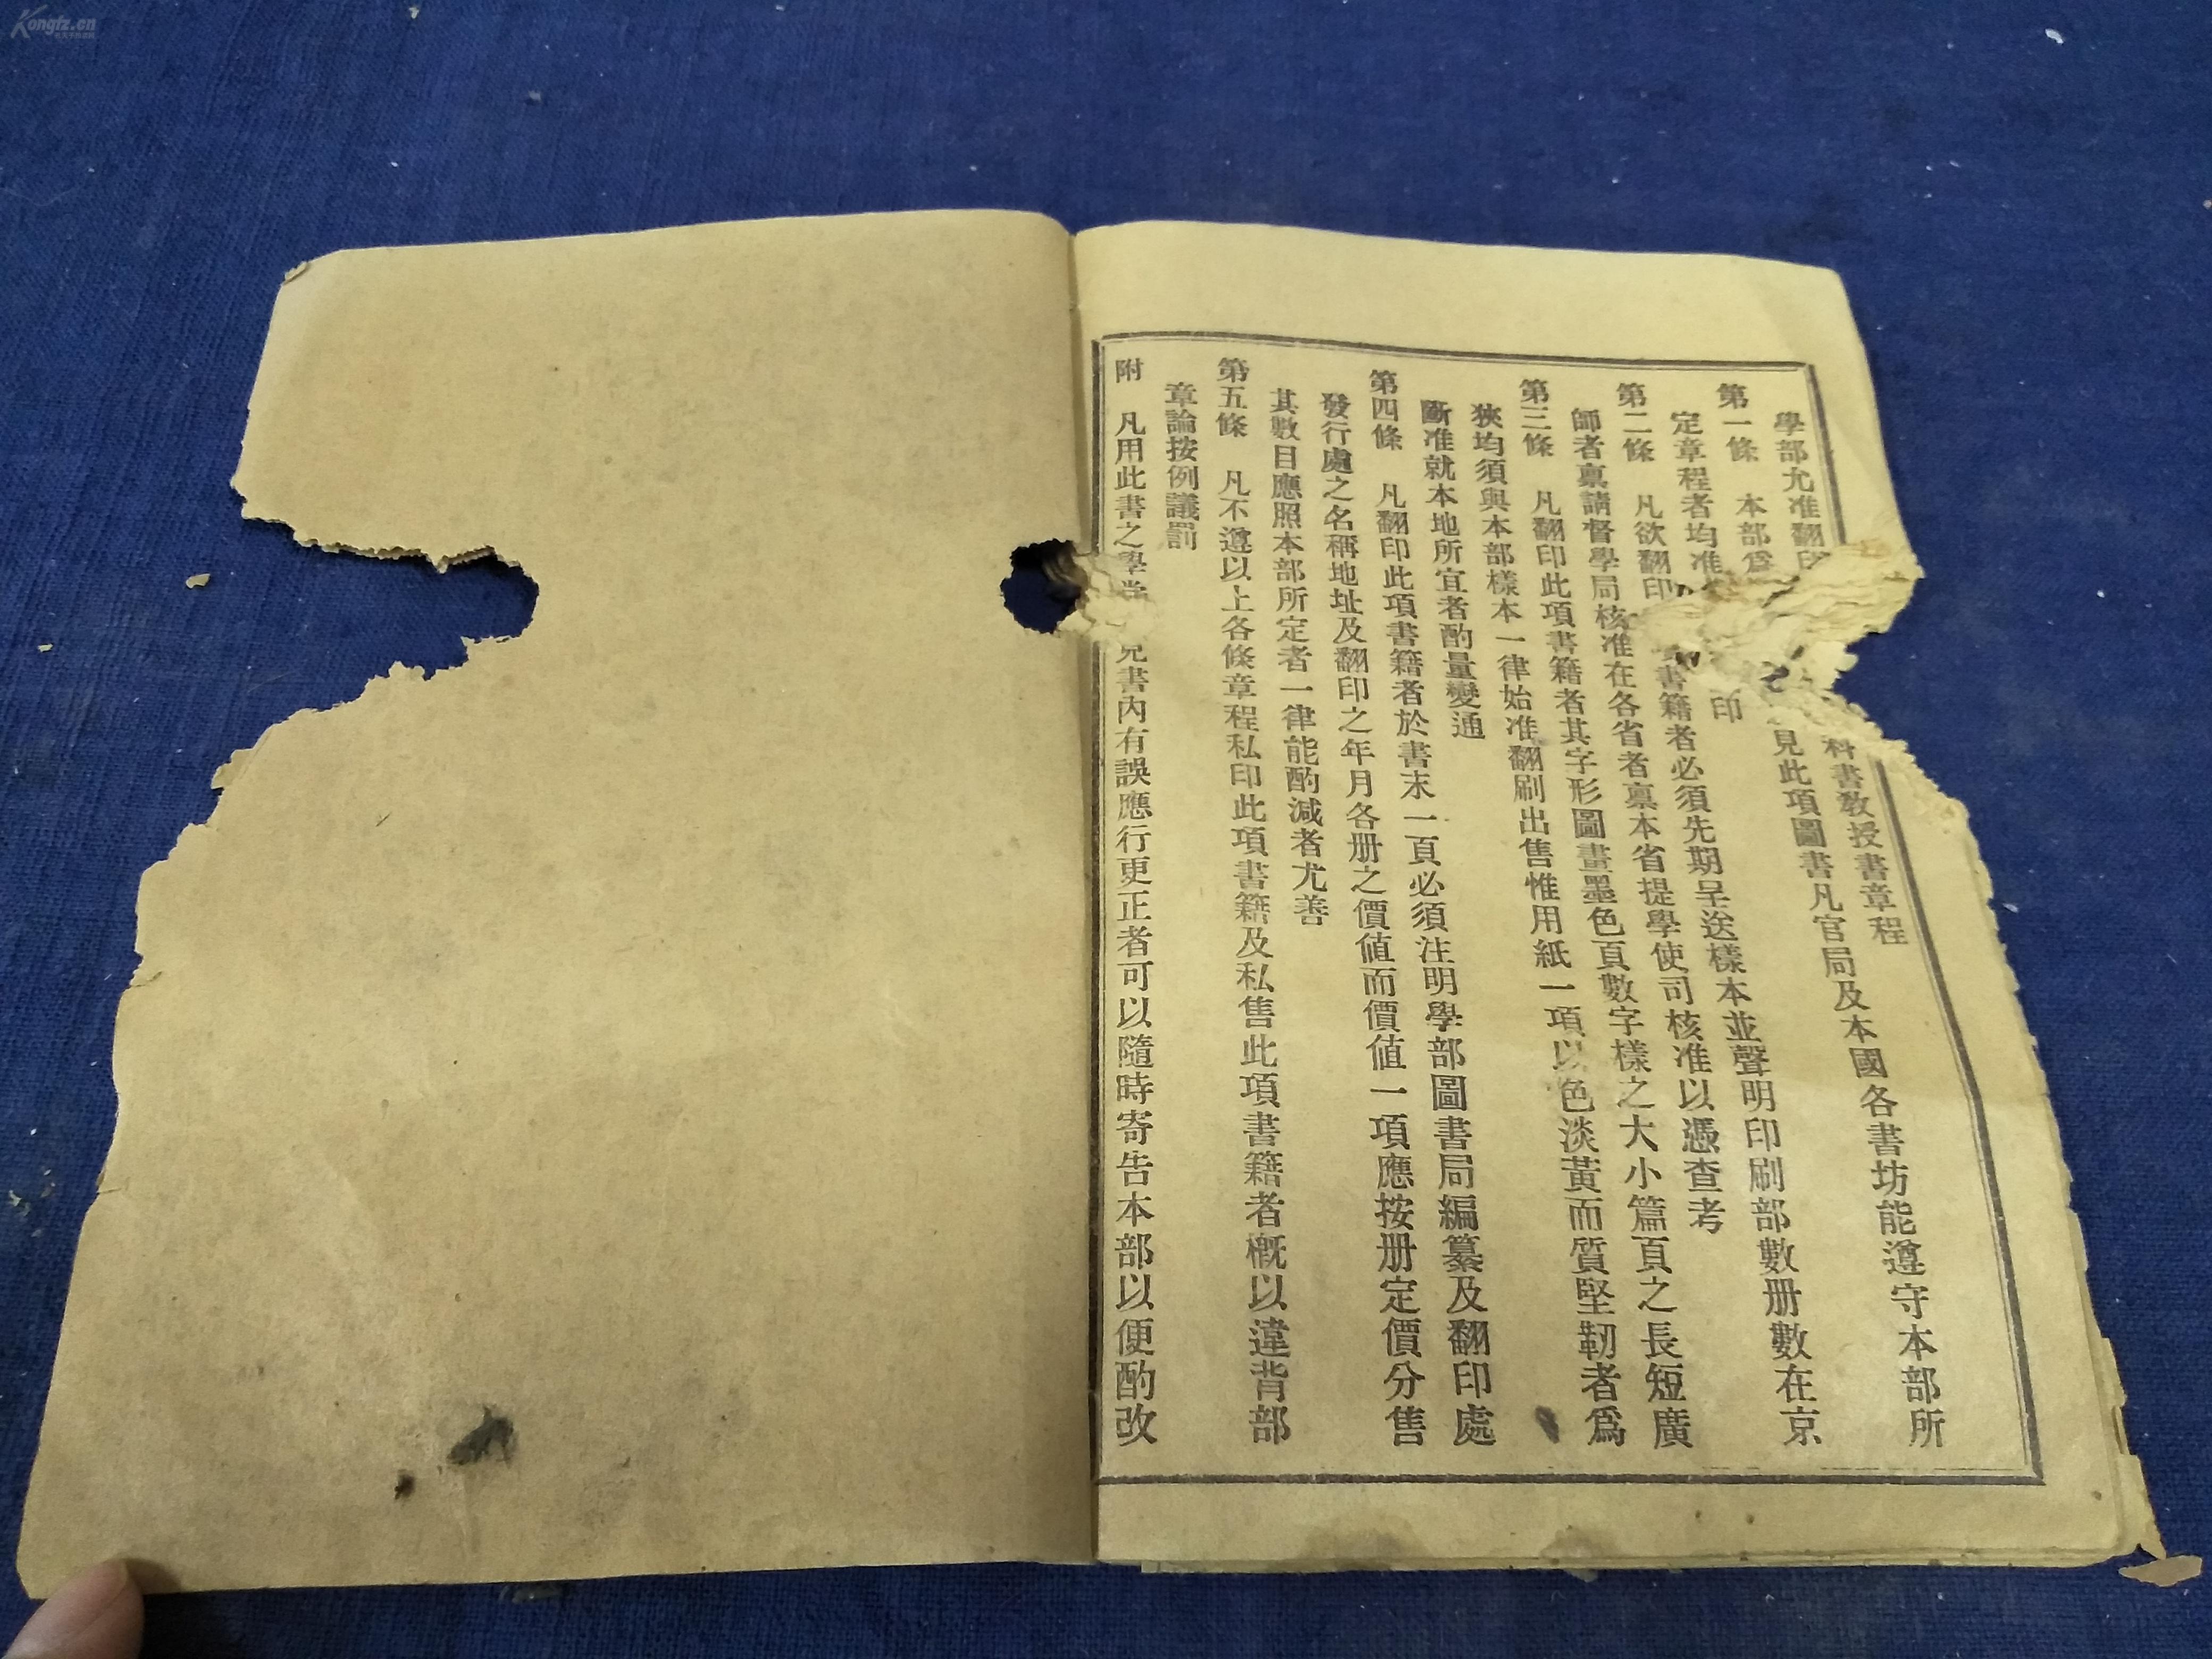 清光绪34年学部弥勒局《初等图书习字帖》小学温泉小学图片